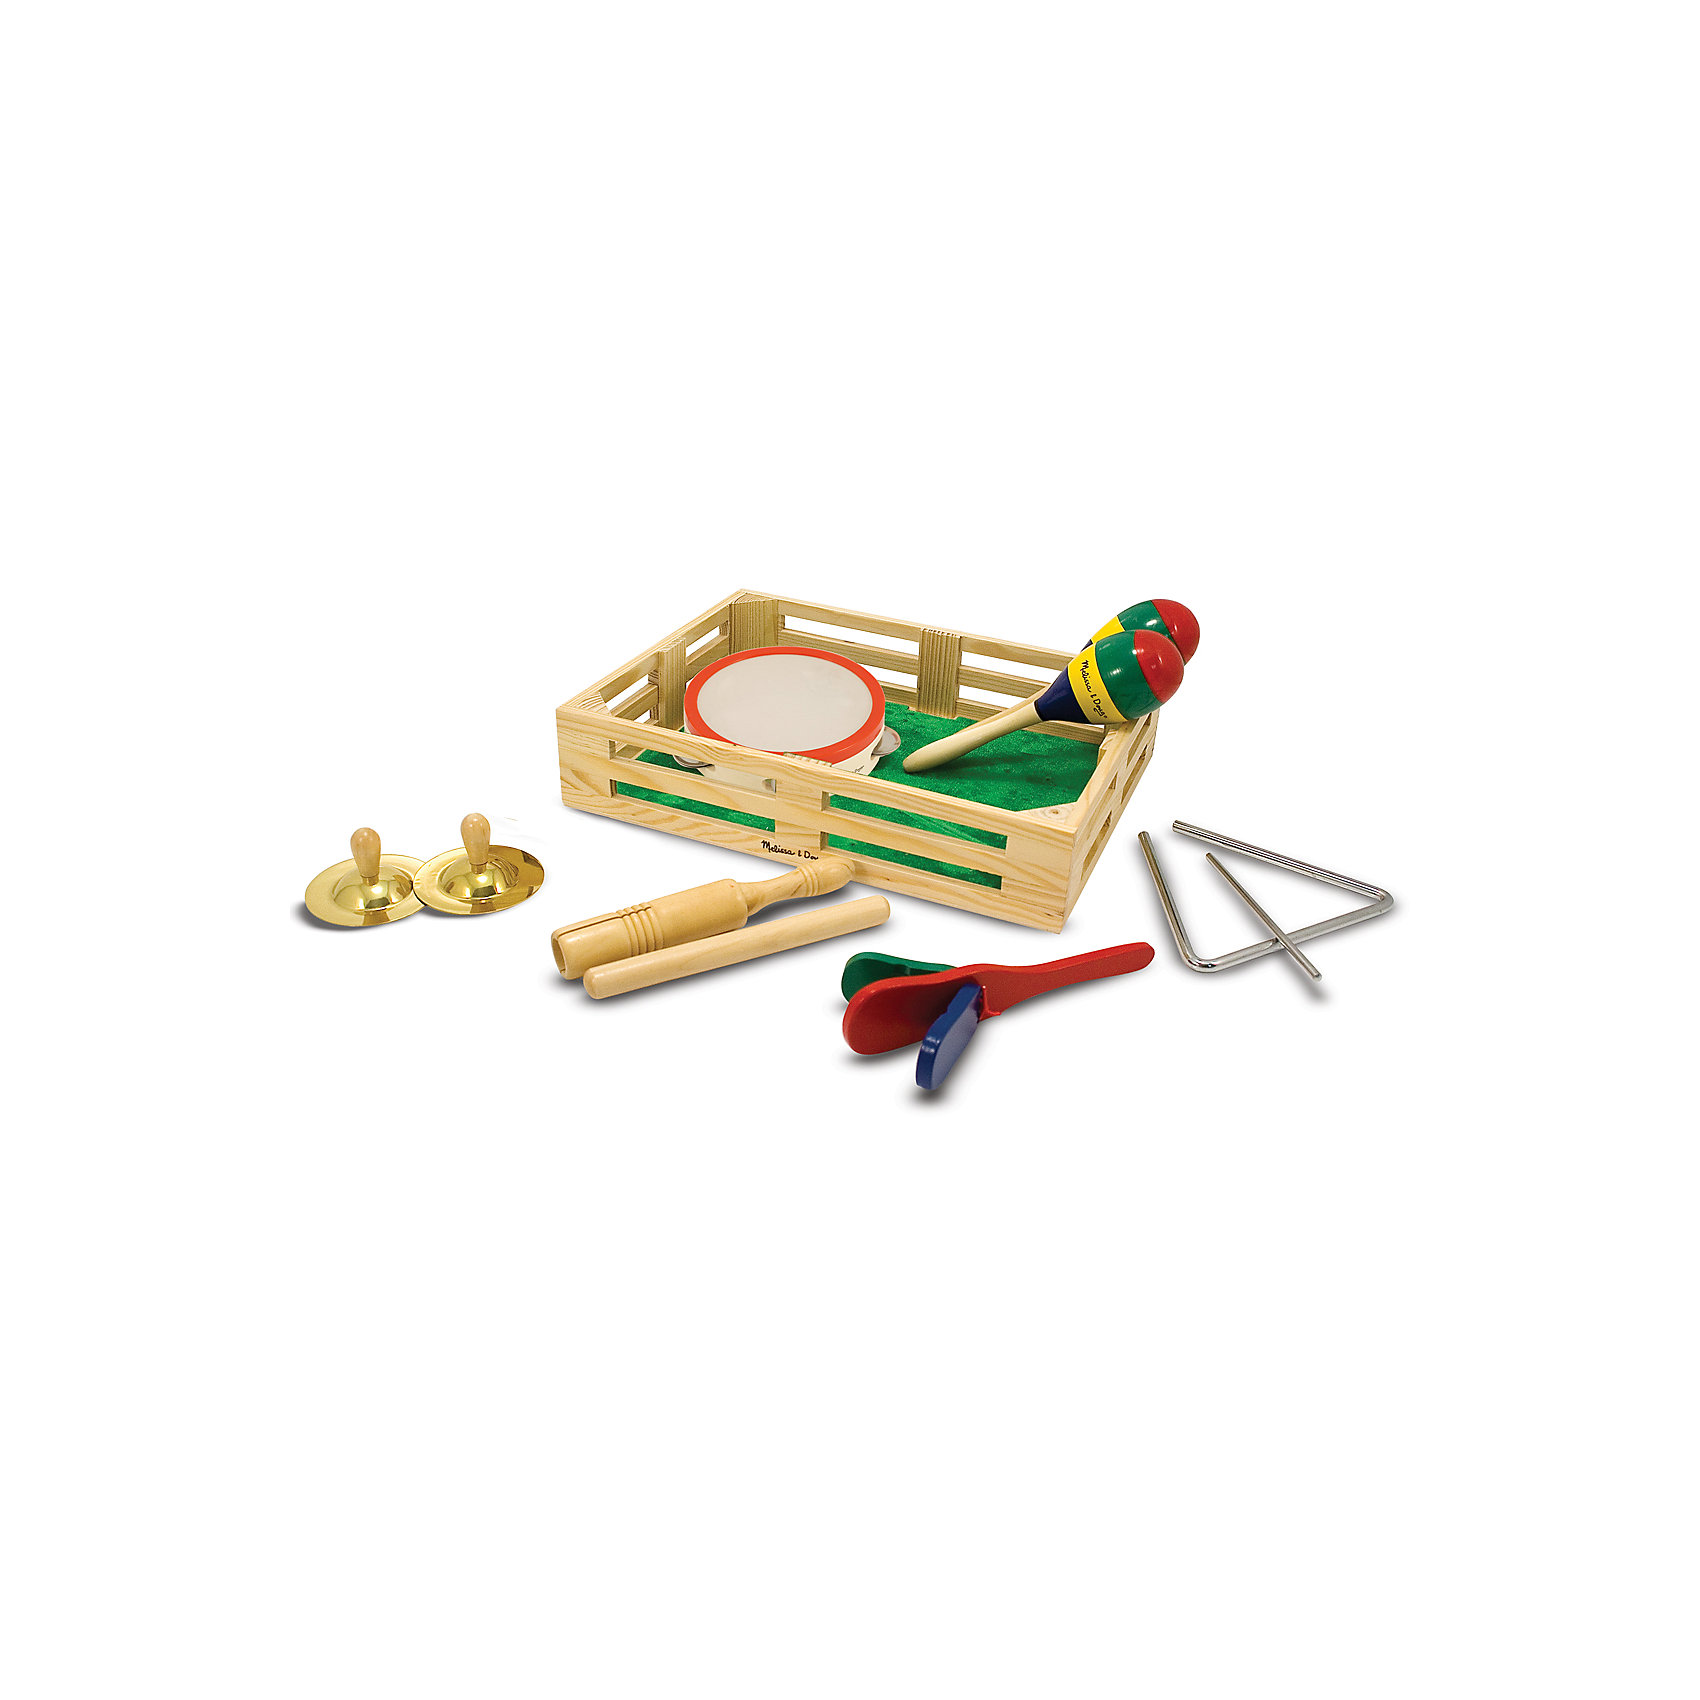 Музыкальные инструменты, Melissa &amp; DougДеревянные музыкальные игрушки<br>Музыкальные инструменты, Melissa &amp; Doug (Мелисса и Даг) – этот набор обрадует малышей любящих музицировать.<br>С помощью этого набора музыкальных инструментов ребенок может создать музыкальную группу из 6 человек. Это отличный набор для знакомства вашего малыша с многообразием музыкальных инструментов и просто развлечение. Детки постарше с большим удовольствием устроят музыкальное выступление для родных и близких в праздничный день. Все инструменты упакованы в деревянный ящик-коробку. Игровой набор поможет развить музыкально-ритмические, творческие способности ребенка, слух, координацию движений.<br><br>Дополнительная информация:<br><br>- В наборе: тамбурин, трещотка, палочки, маракасы, тарелки, музыкальный треугольник<br>- Материал: дерево, металл<br>- Размер упаковки: 38х29х8 см.<br>- Вес: 1427 гр.<br><br>Музыкальные инструменты, Melissa &amp; Doug (Мелисса и Даг) можно купить в нашем интернет-магазине.<br><br>Ширина мм: 800<br>Глубина мм: 380<br>Высота мм: 290<br>Вес г: 1427<br>Возраст от месяцев: 36<br>Возраст до месяцев: 96<br>Пол: Унисекс<br>Возраст: Детский<br>SKU: 4005808